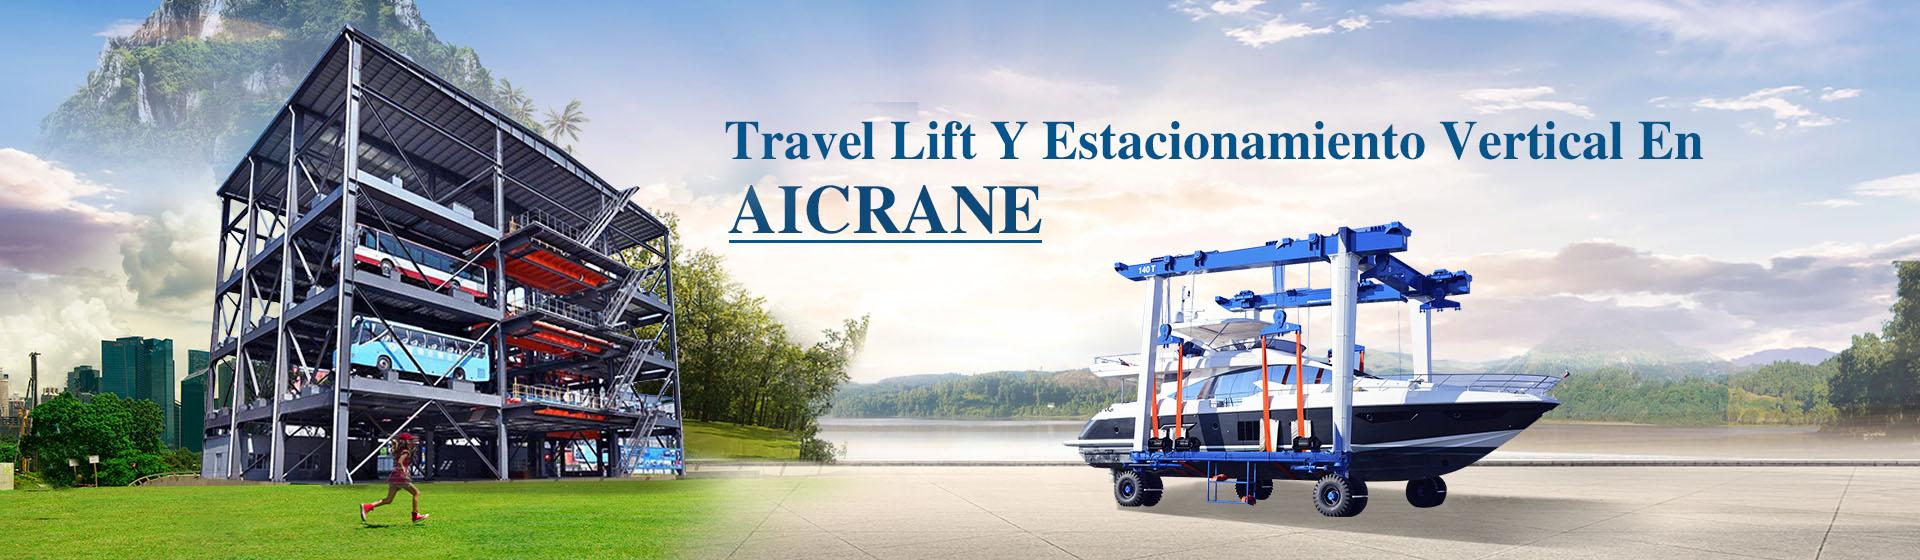 AICRANE Estacionamiento Vertival Y Travel Lift Siempre Tienen Rendimeinto Estable